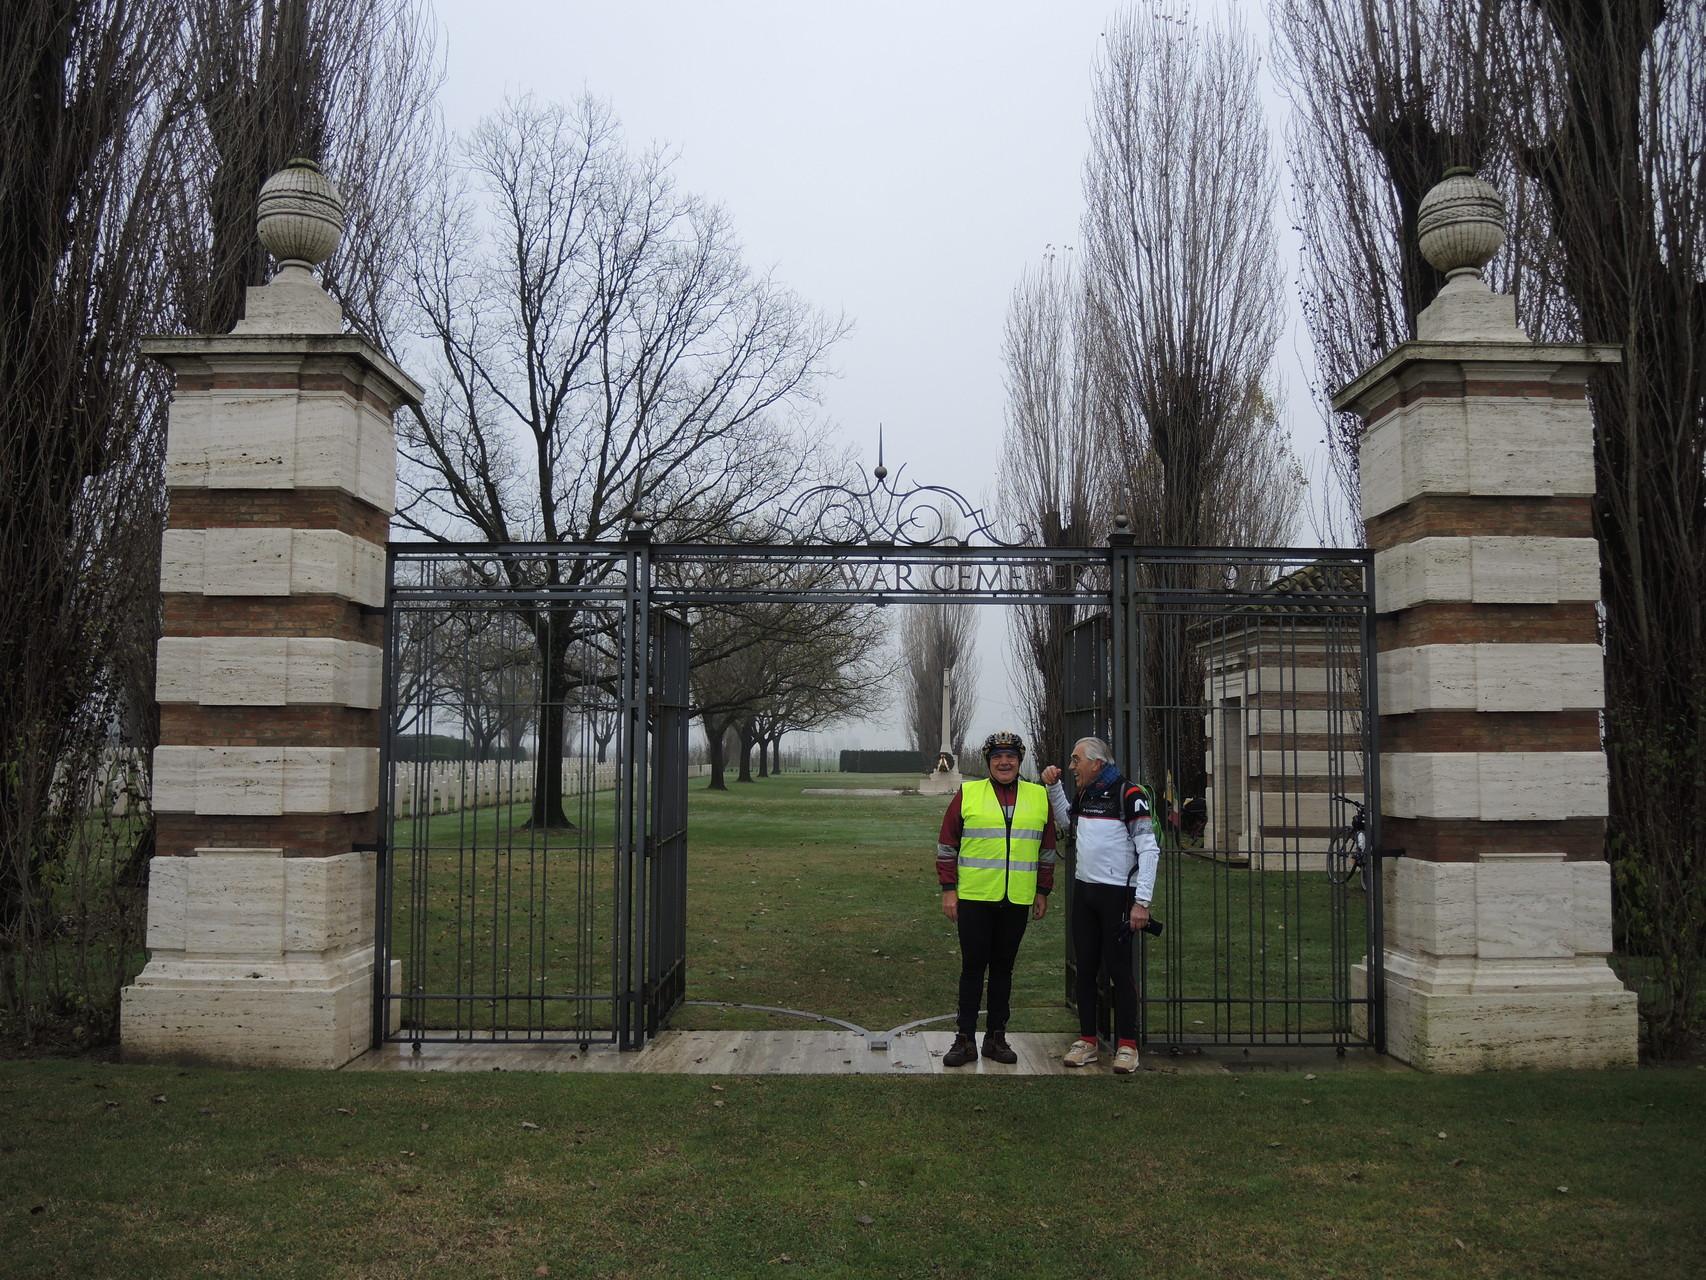 Piangipane, ingresso Cimitero di Guerra del Commonwealth